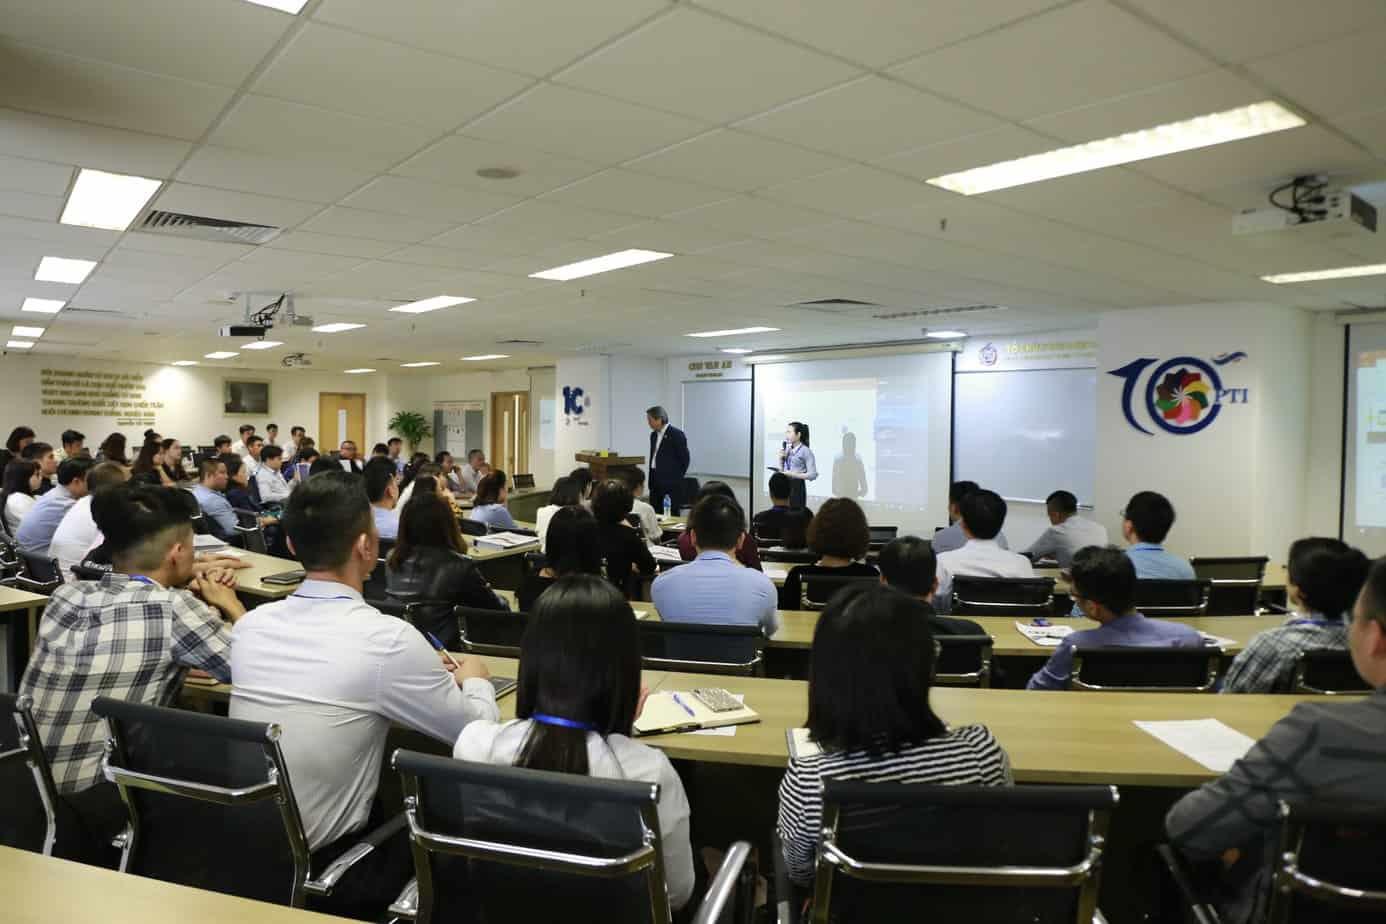 Top 10 Trung Tâm Đào Tạo Quản Trị Nhân Sự Nổi Tiếng Tại Hồ Chí Minh - trung tâm đào tạo quản trị nhân sự - Business Management Institute | Công Ty CPPT Nguồn Lực Quốc Tế | Global Economic Center 83